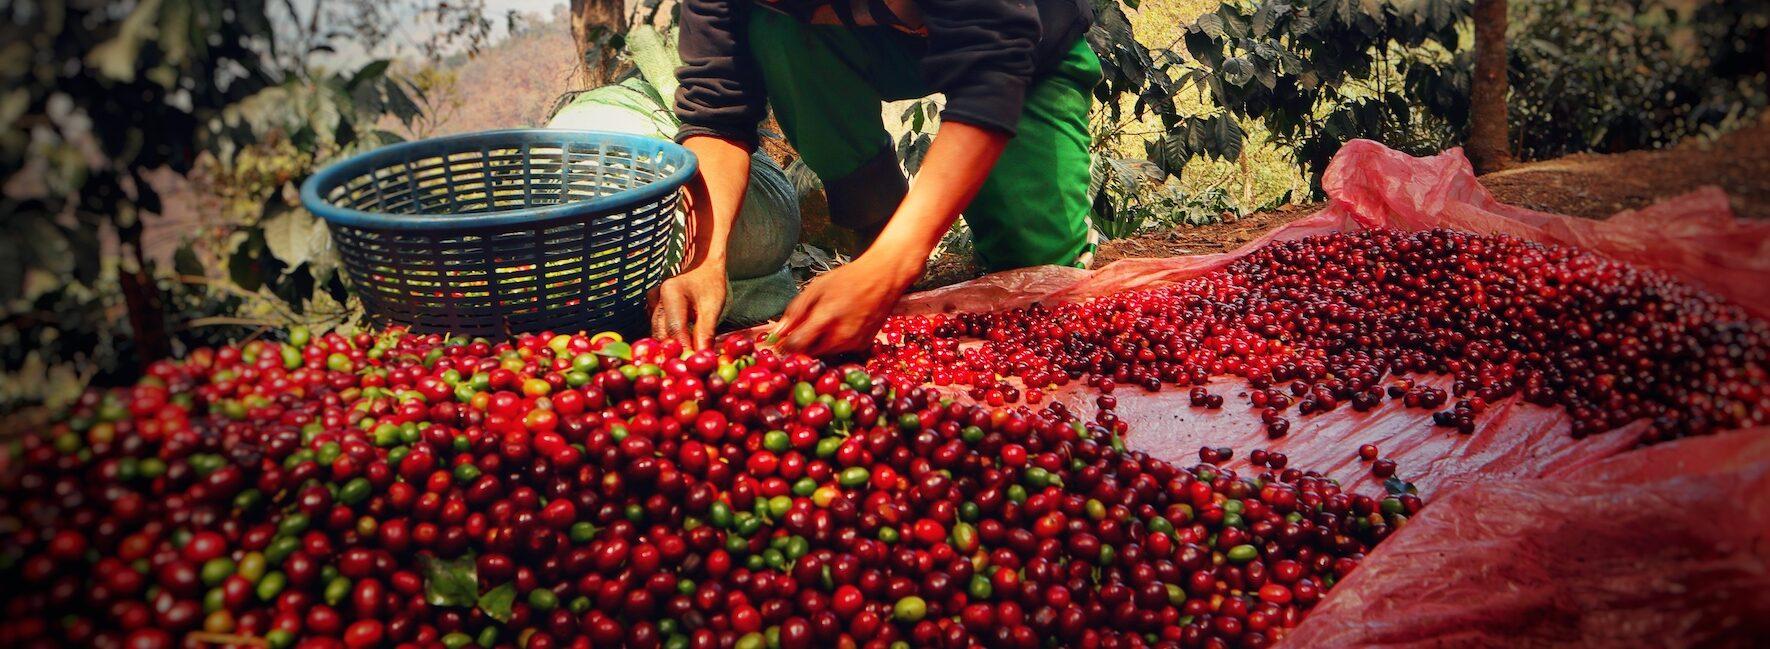 Guter Kaffee wird sortiert um bester kaffee zu werden. Das Bild ist zeigt die Hände eines Arbeiters auf der Farm, beim Kaffeesortieren